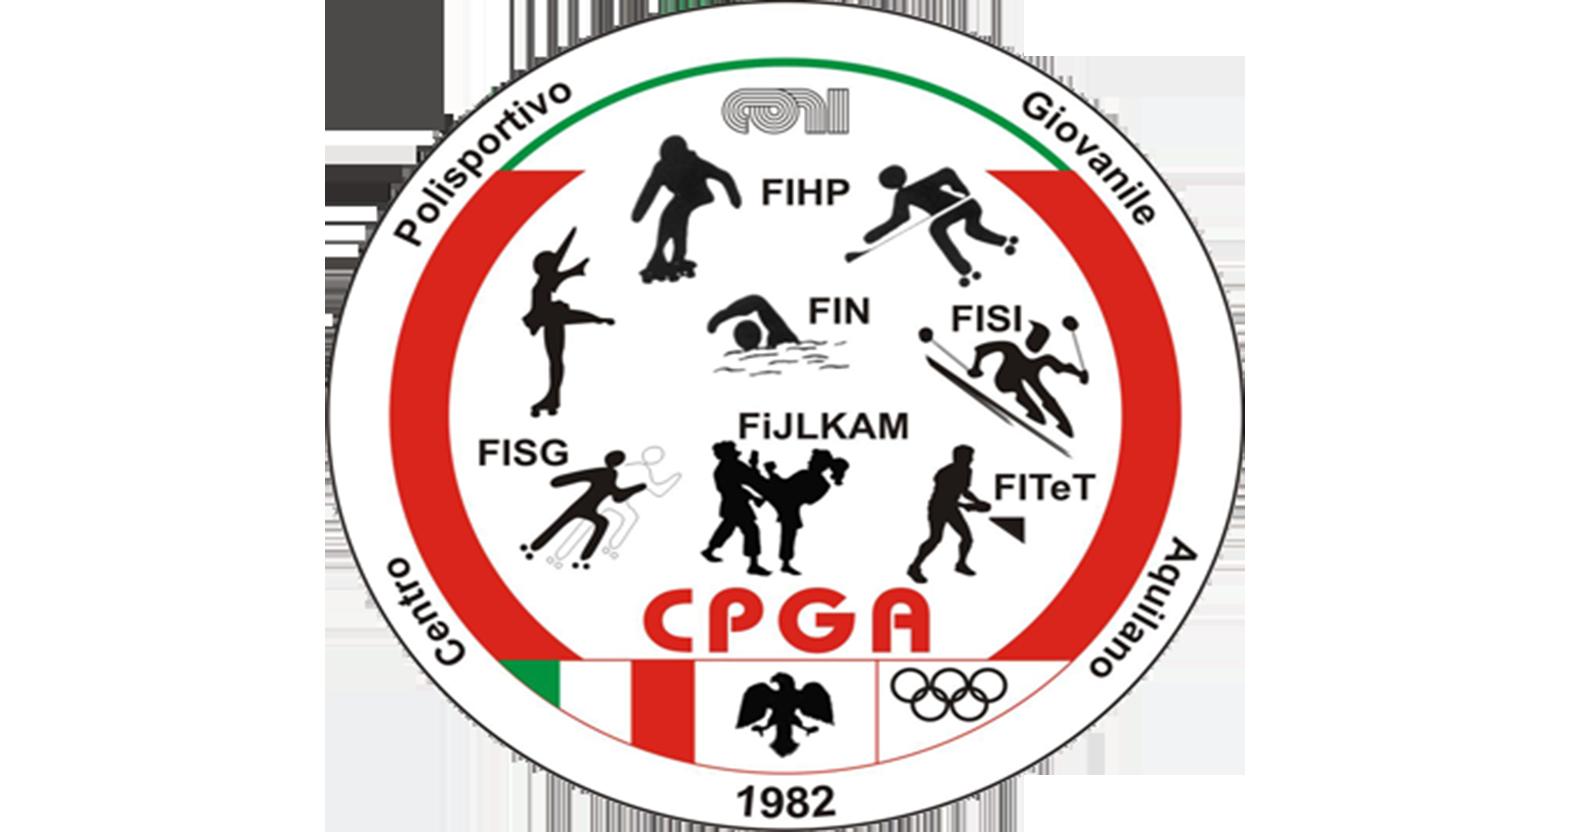 C.P.G.A.